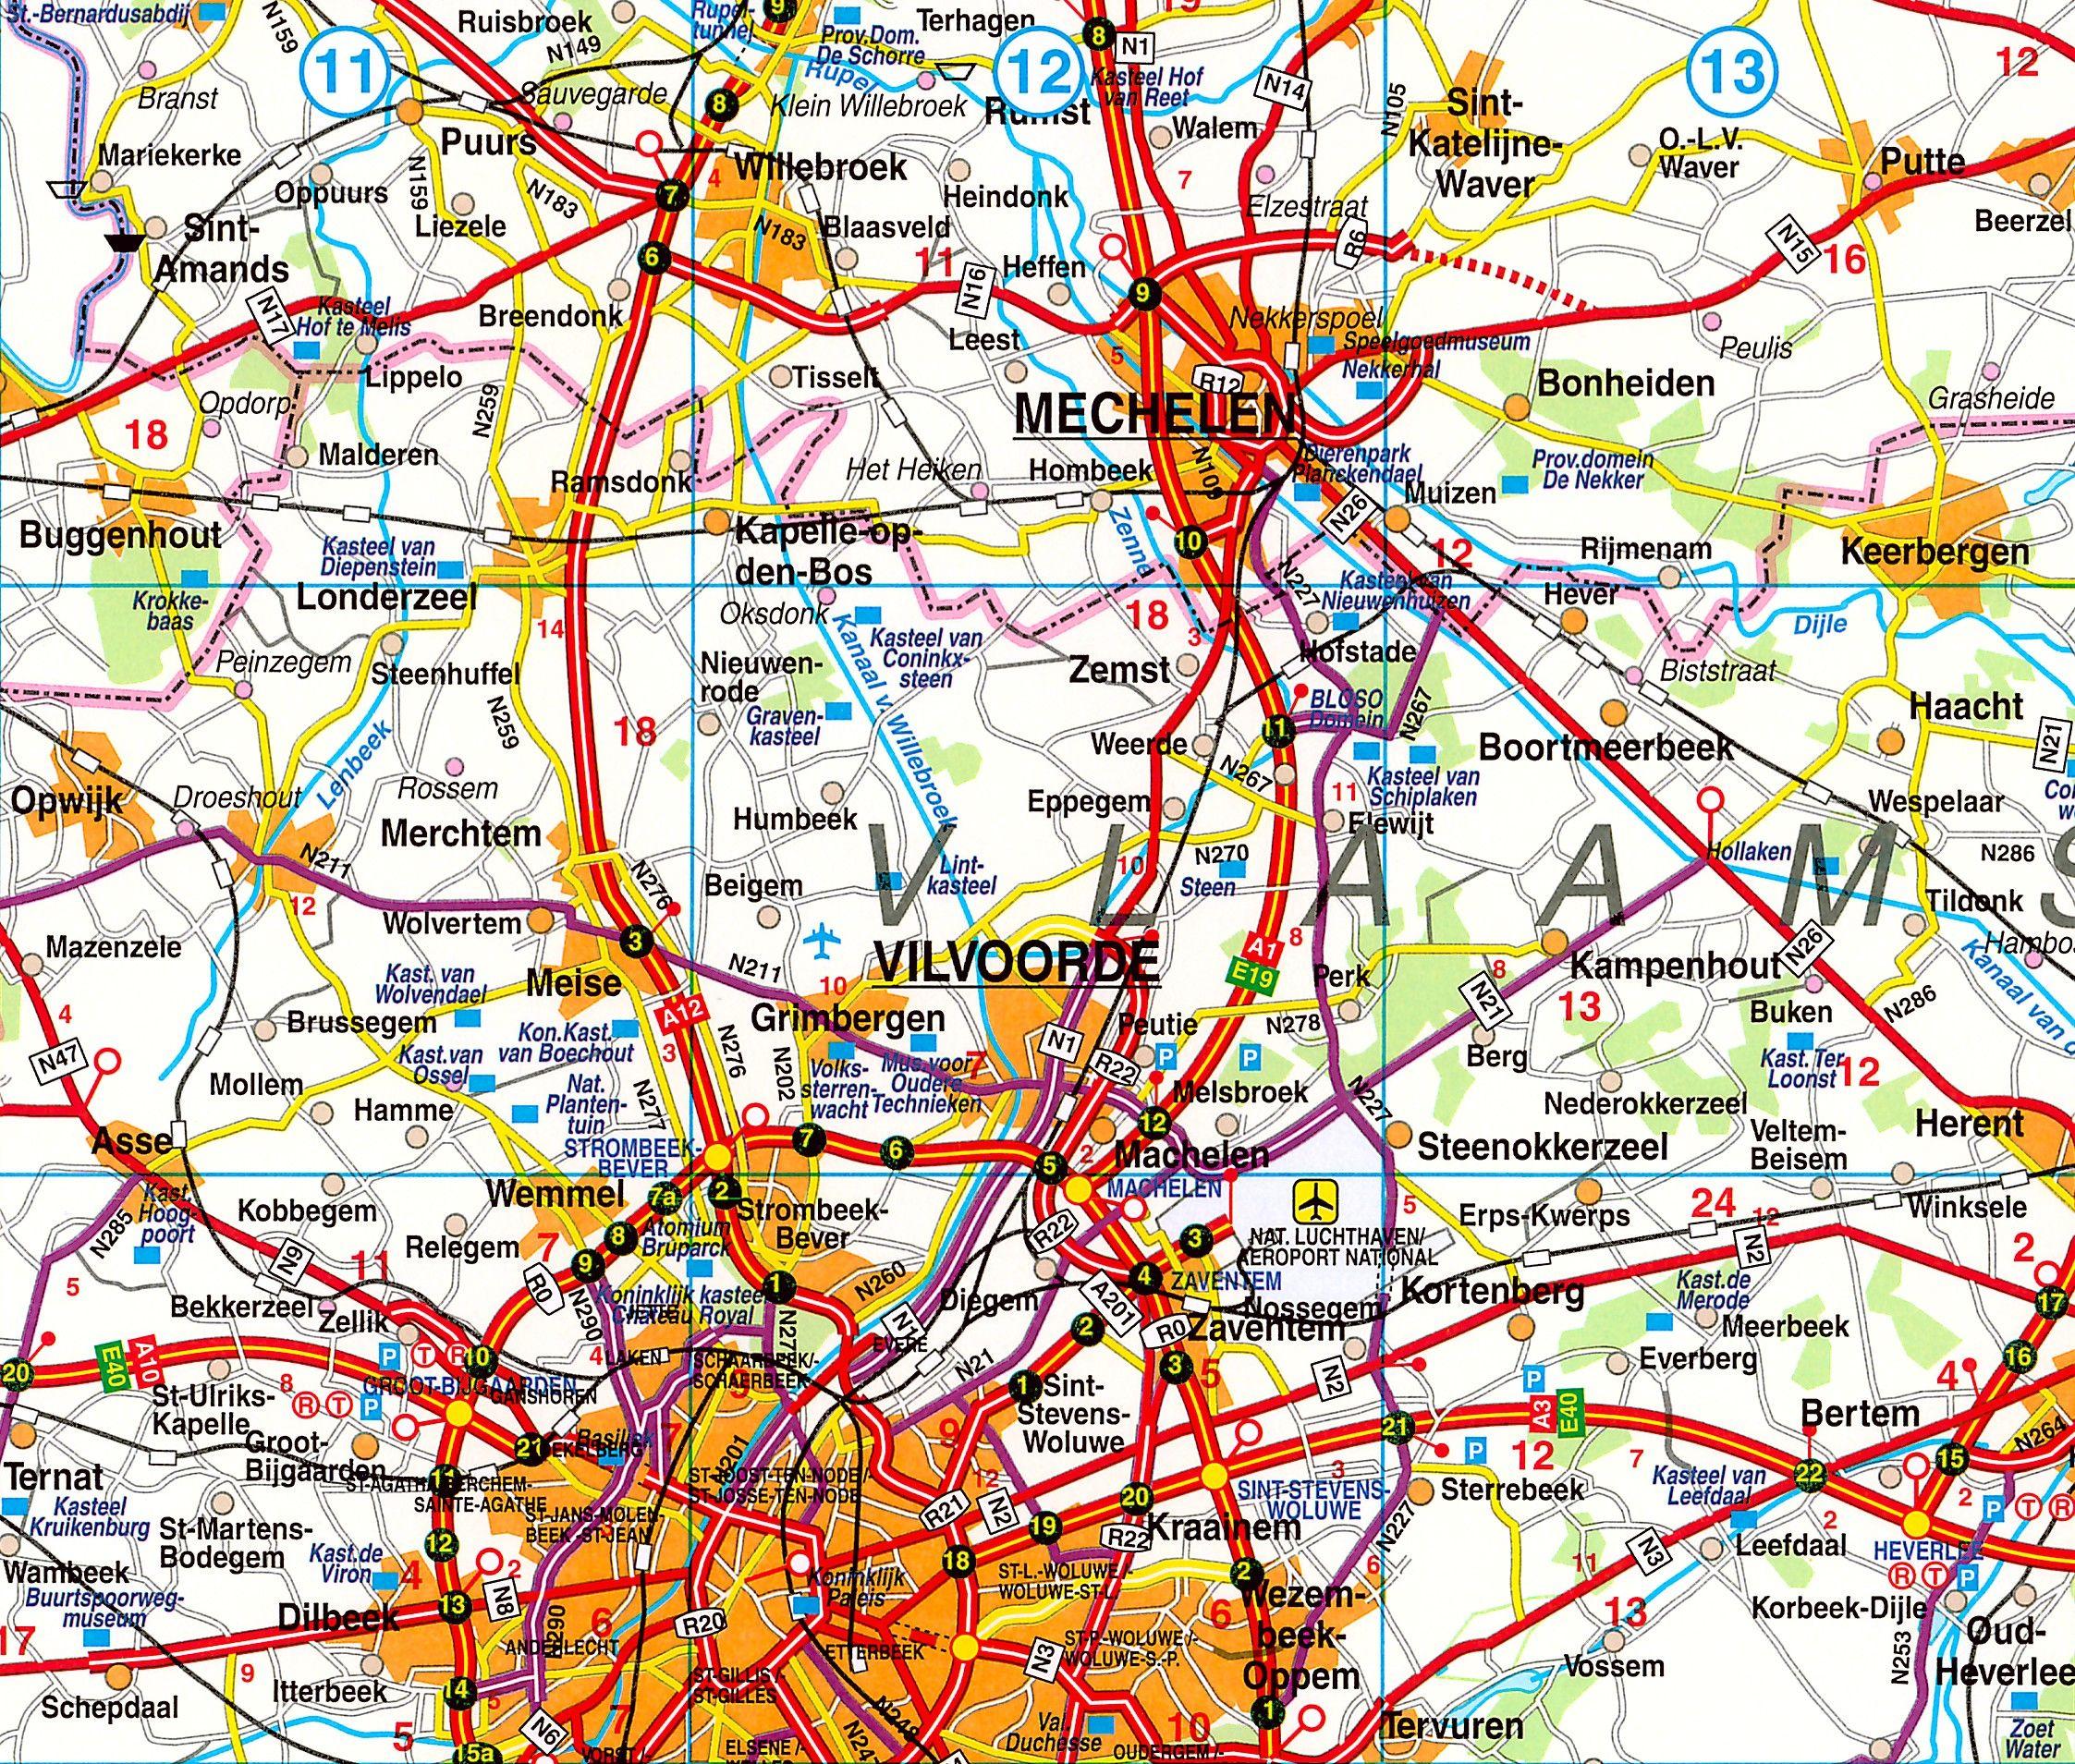 Landkaart Belgie Falk 1:250.000 met weekplanning  met plaatsnamenindex